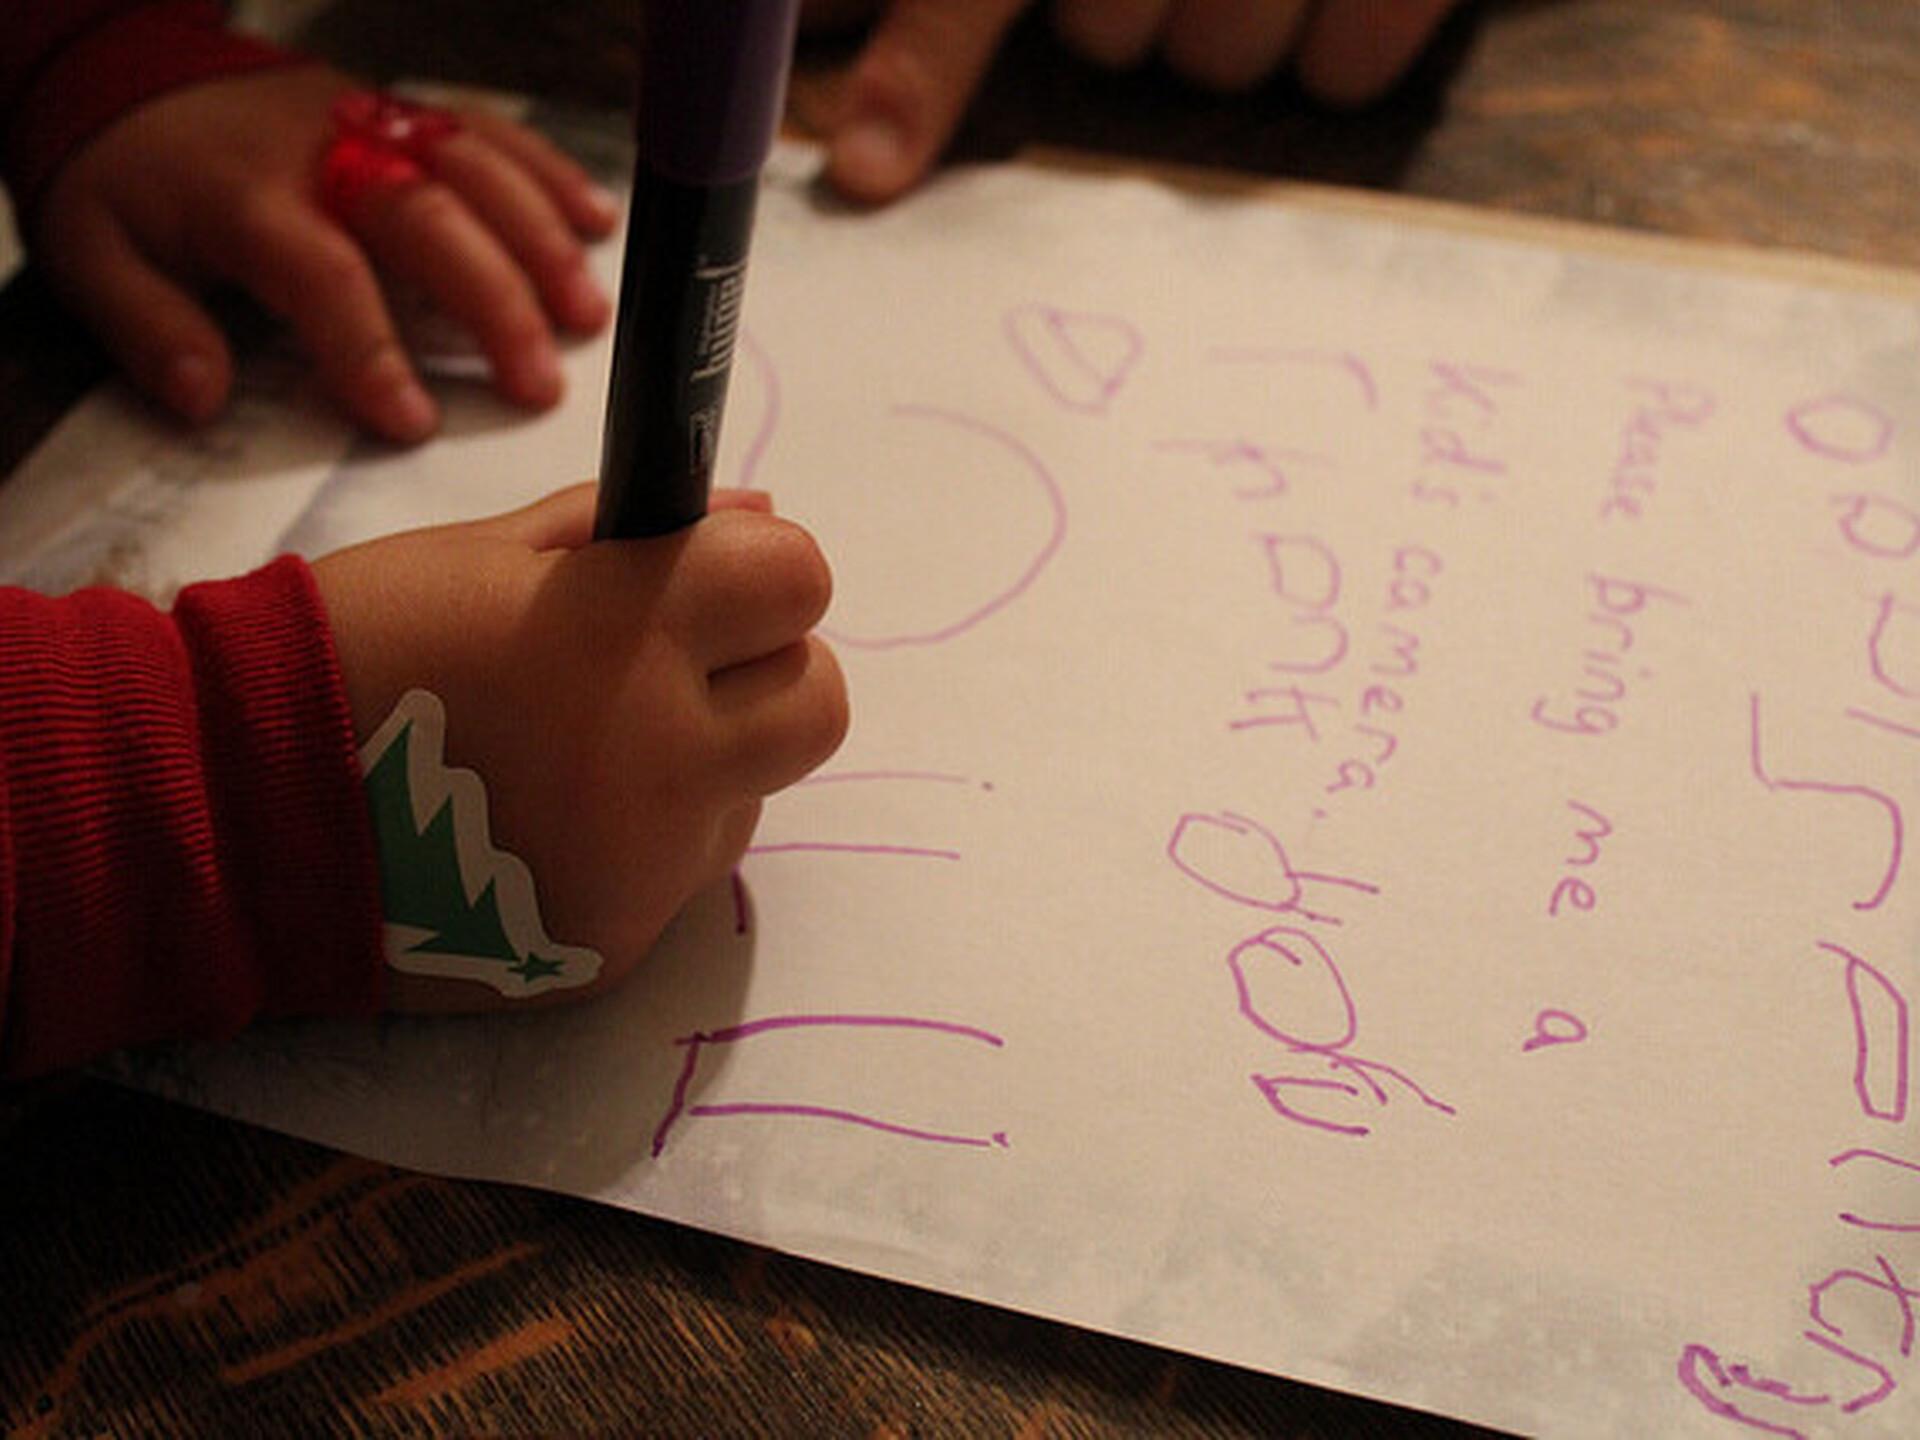 05052be597d Kuidas arendada lapse kõnet ja lugemisoskust: paras aeg on alustada  jõuluvanale kirja kirjutamisega | Haridus | ERR